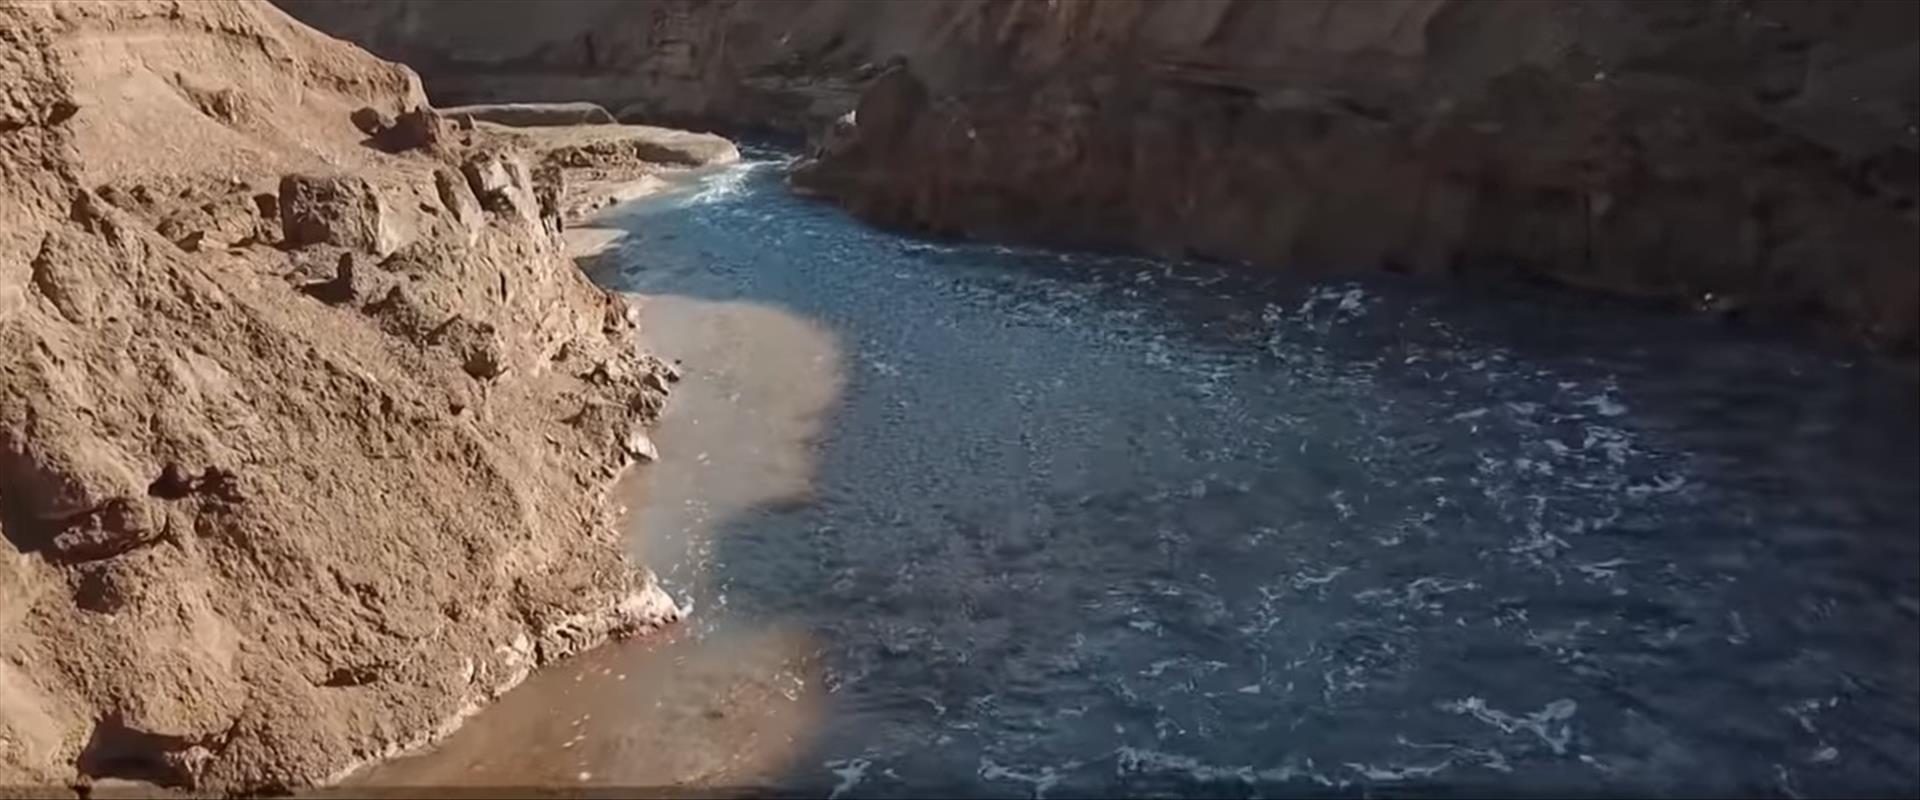 הנהר הסודי שבמתחם מפעלי ים המלח